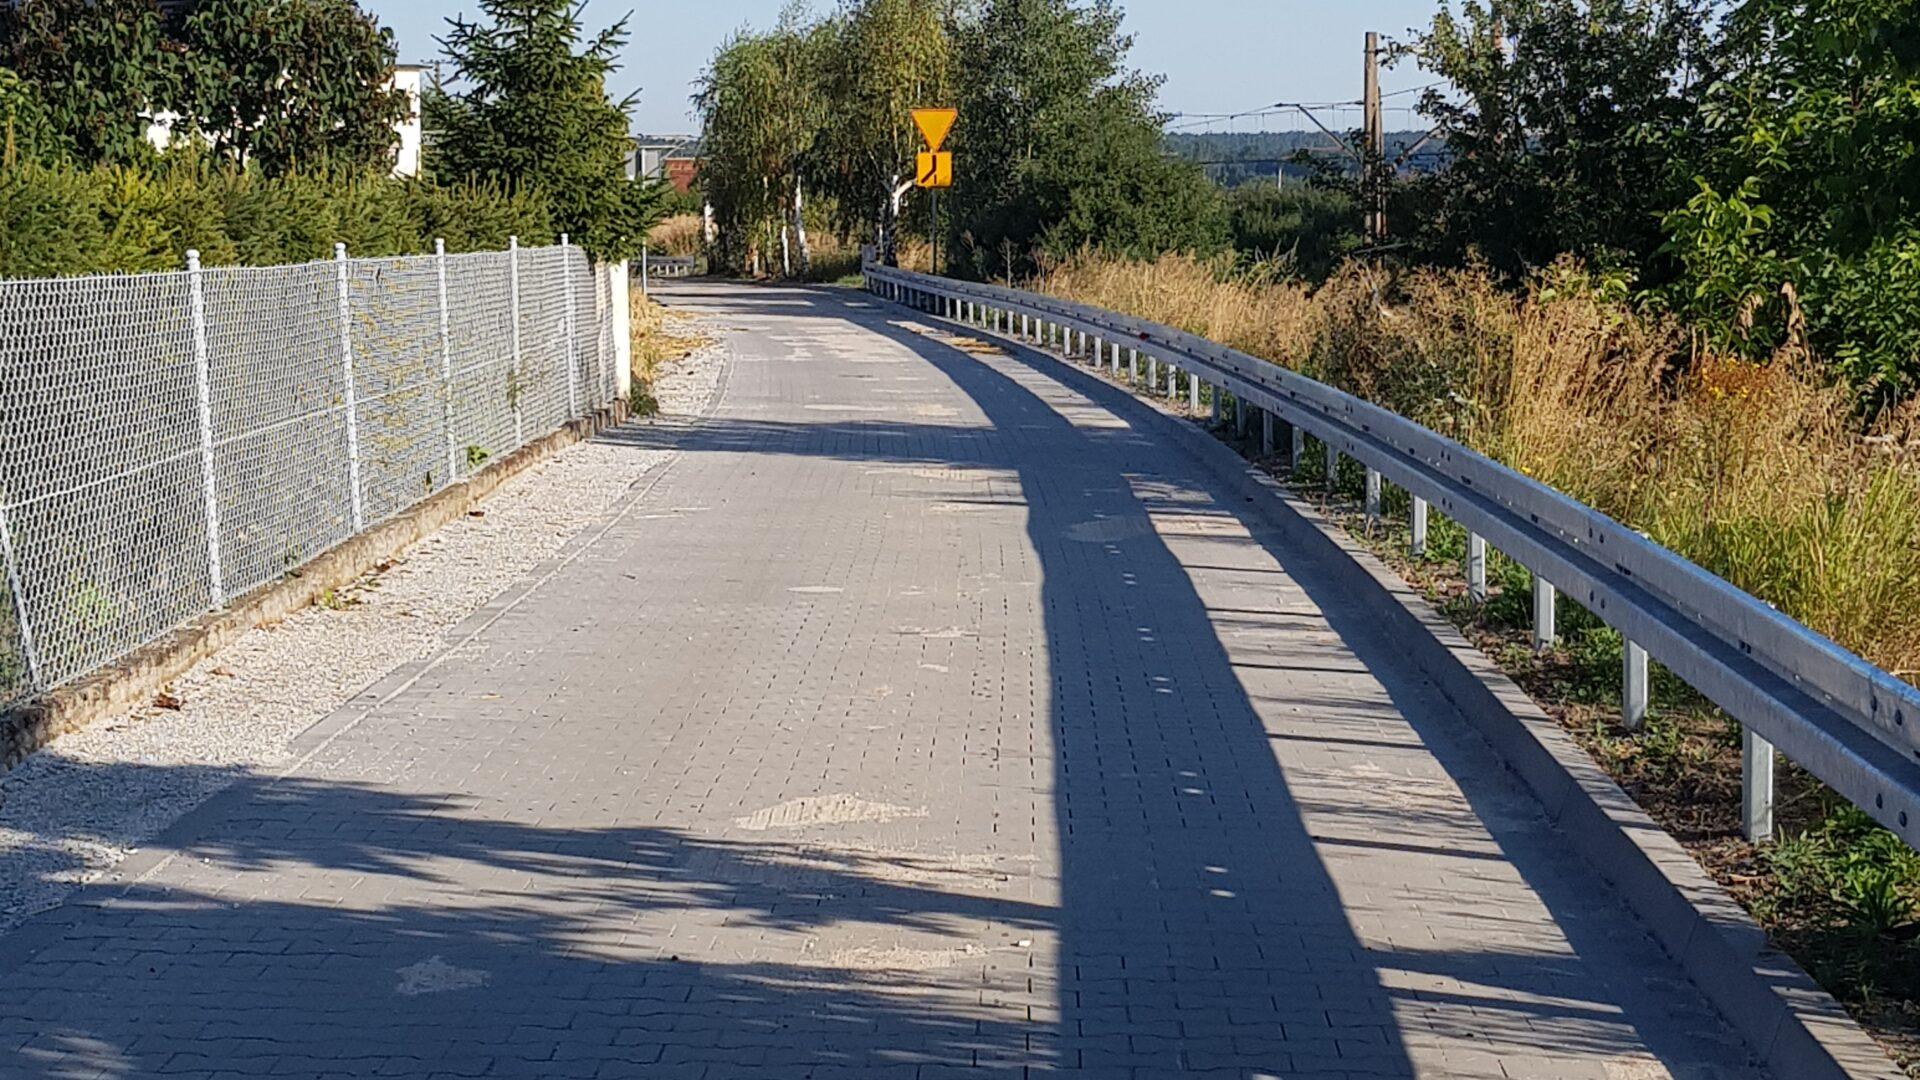 droga z kostki brukowej, po prawej stronie bariera ochronna, po lewej stronie ogrodzenie